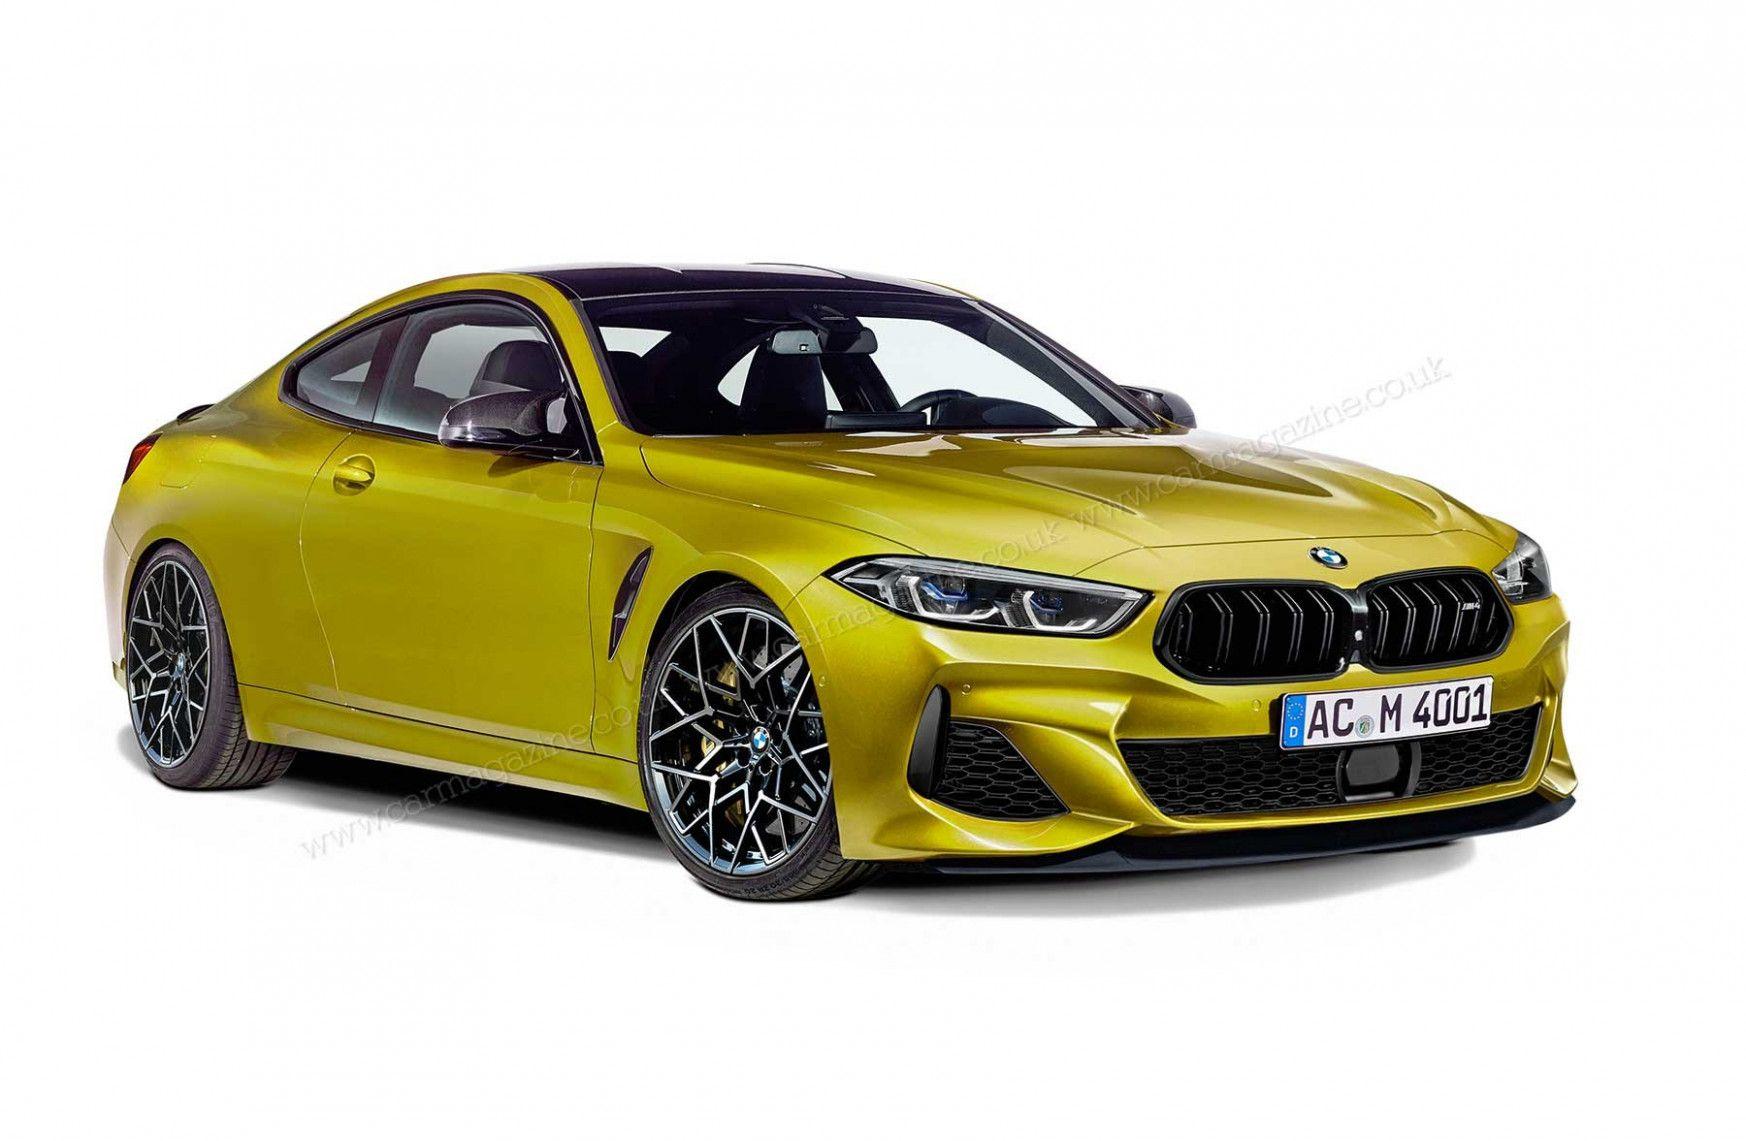 Bmw 2020 M4 In 2020 Bmw Latest Model Bmw Bmw M4 Coupe